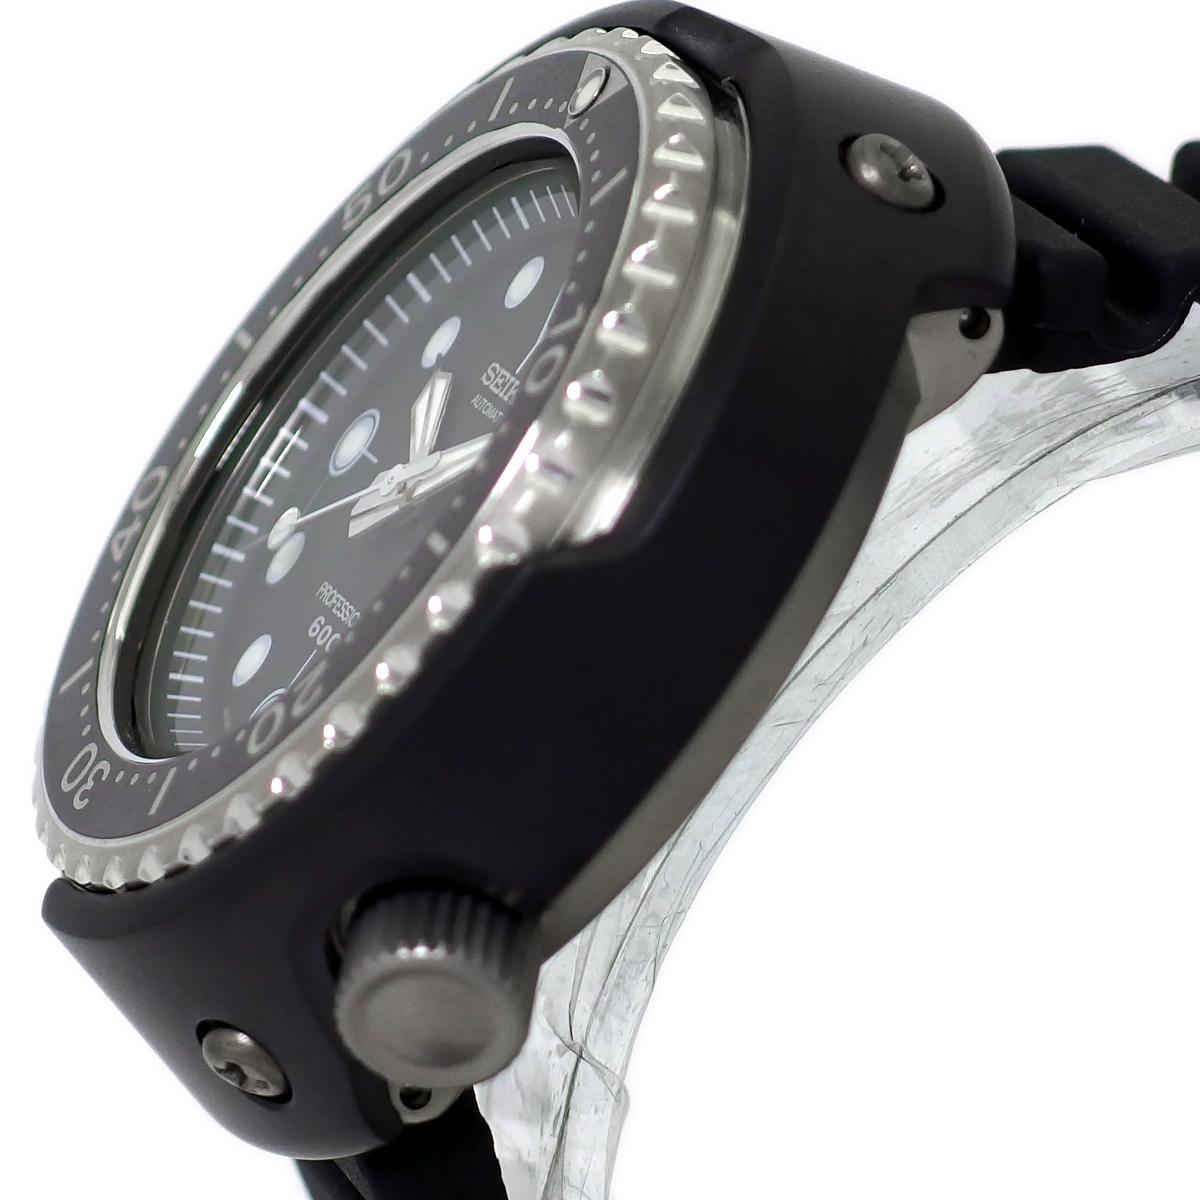 【美品】セイコー ヒストリカルコレクション2000 プロフェッショナルダイバー600m SBDX005 自動巻 メーカーOH/新品ケース・ガラス・ベゼル交換済 USED